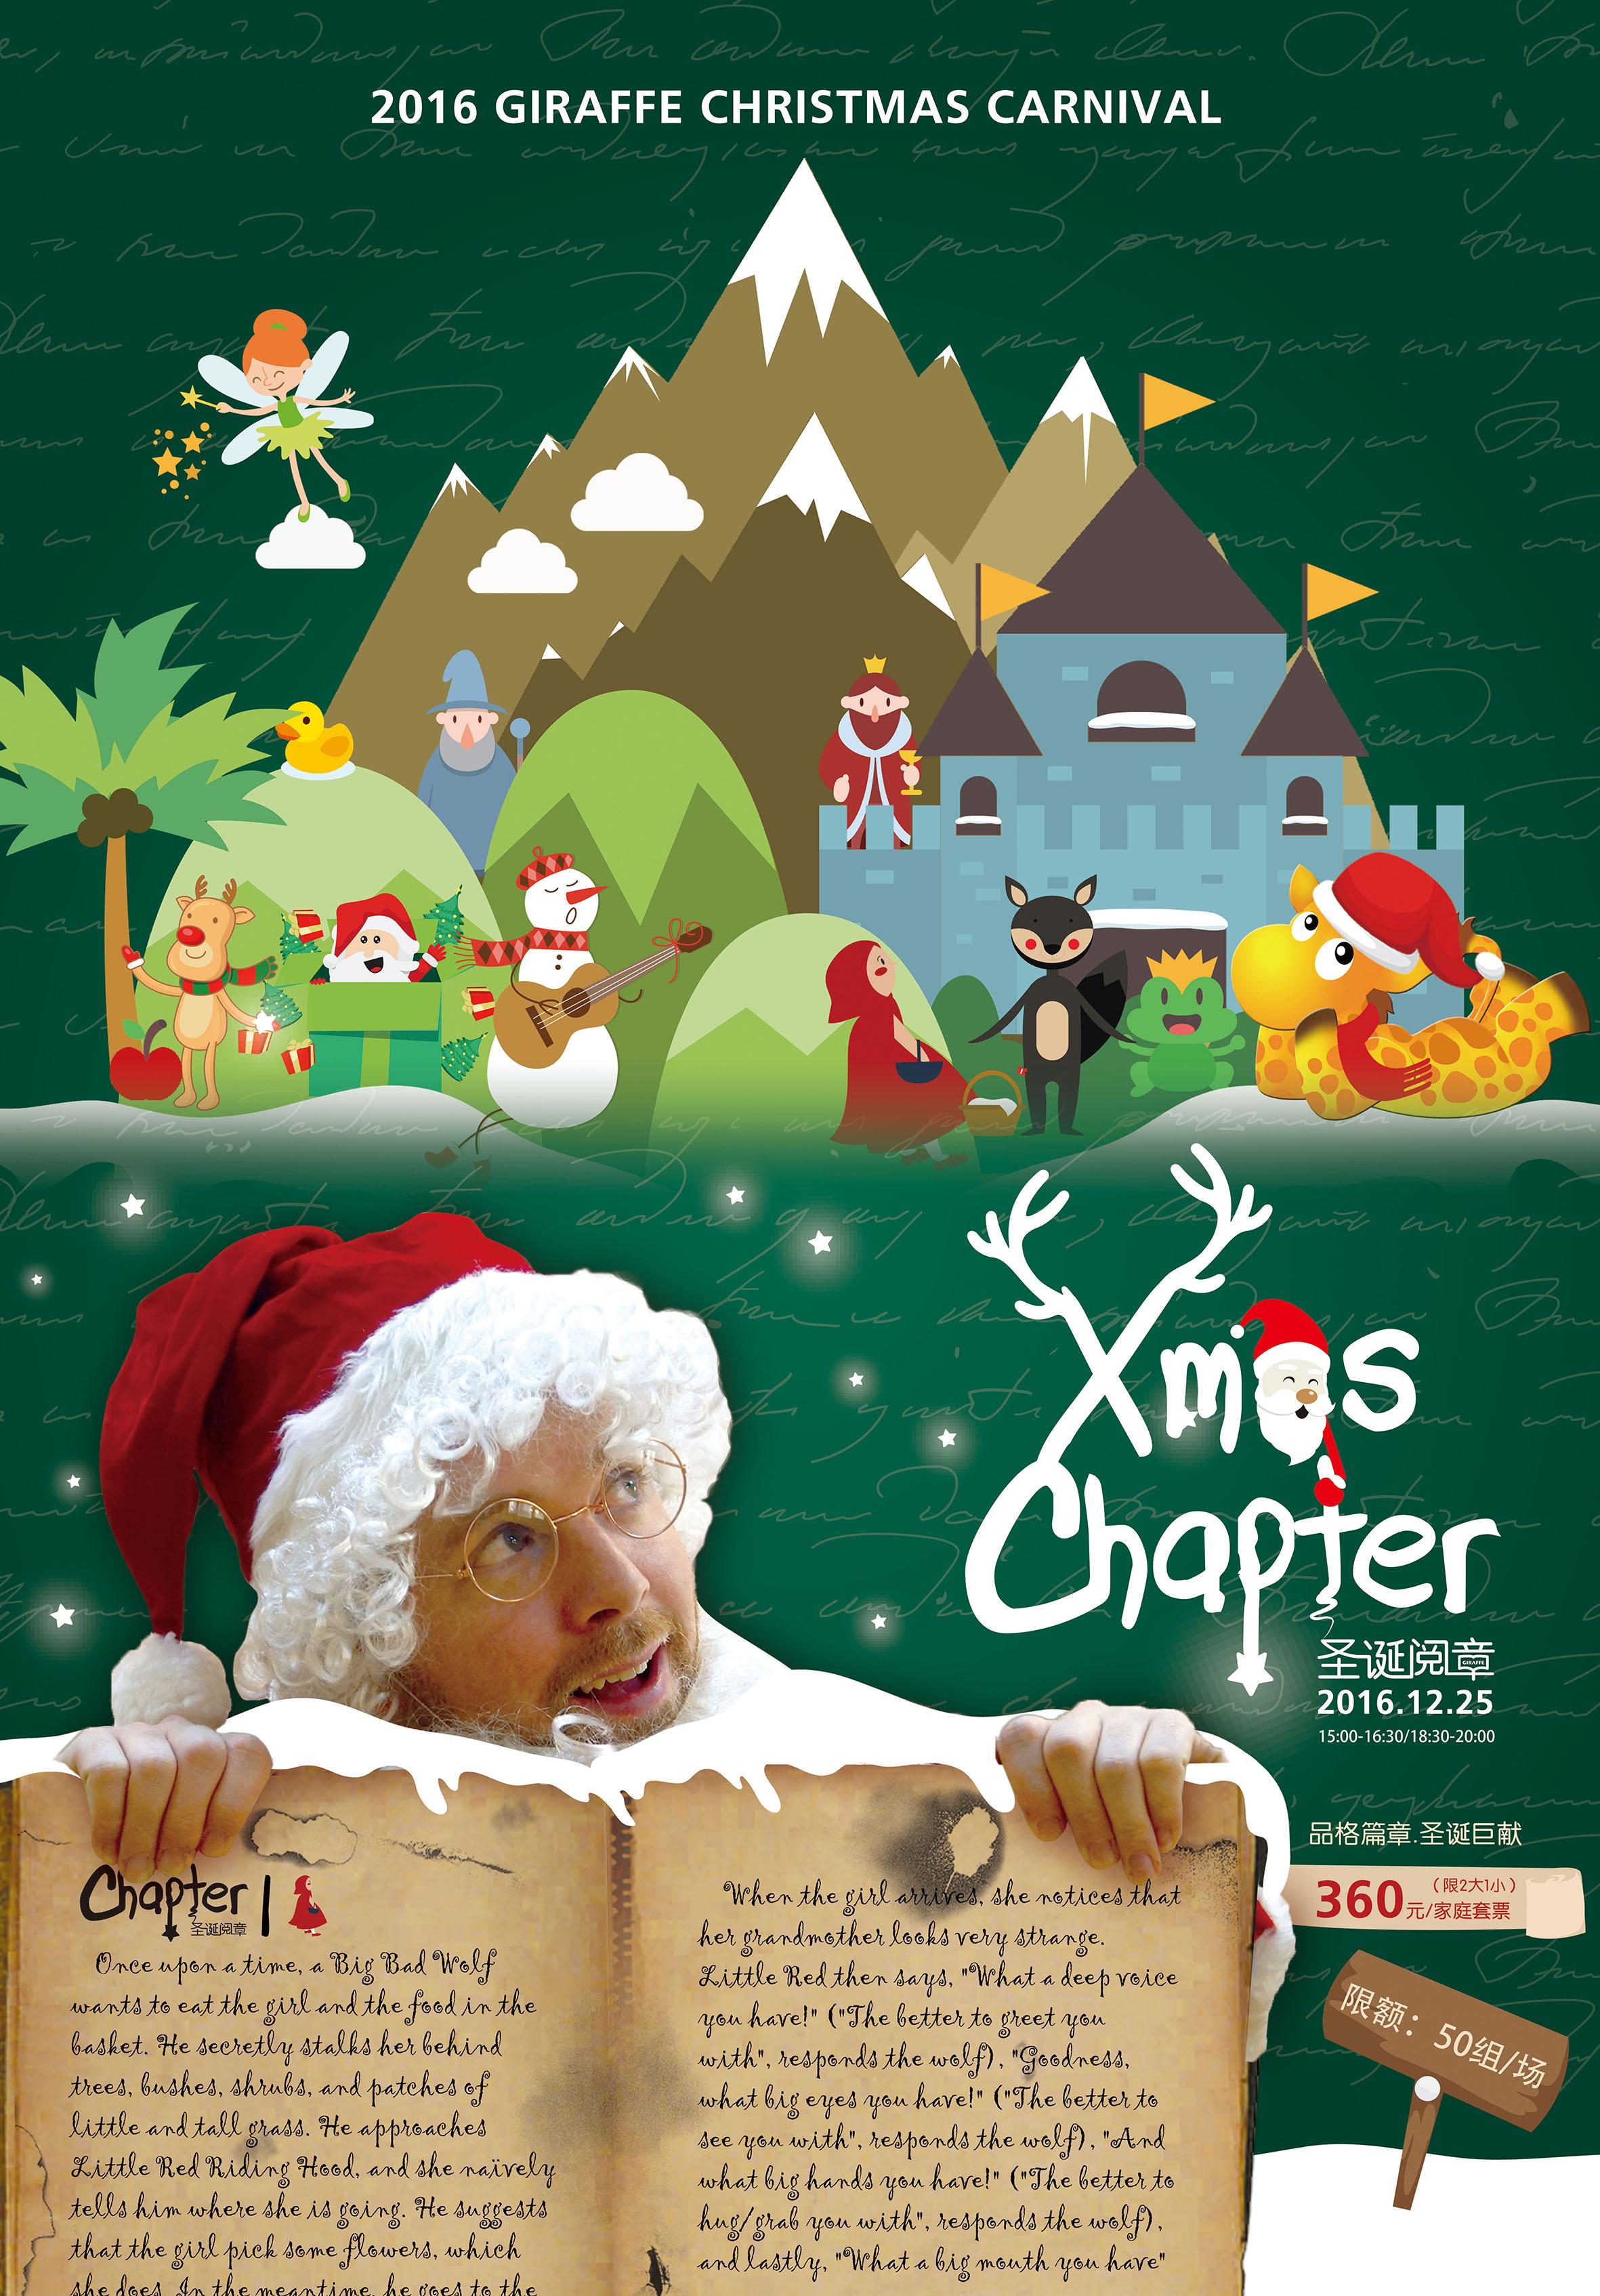 圣诞节童话故事主题创意海报